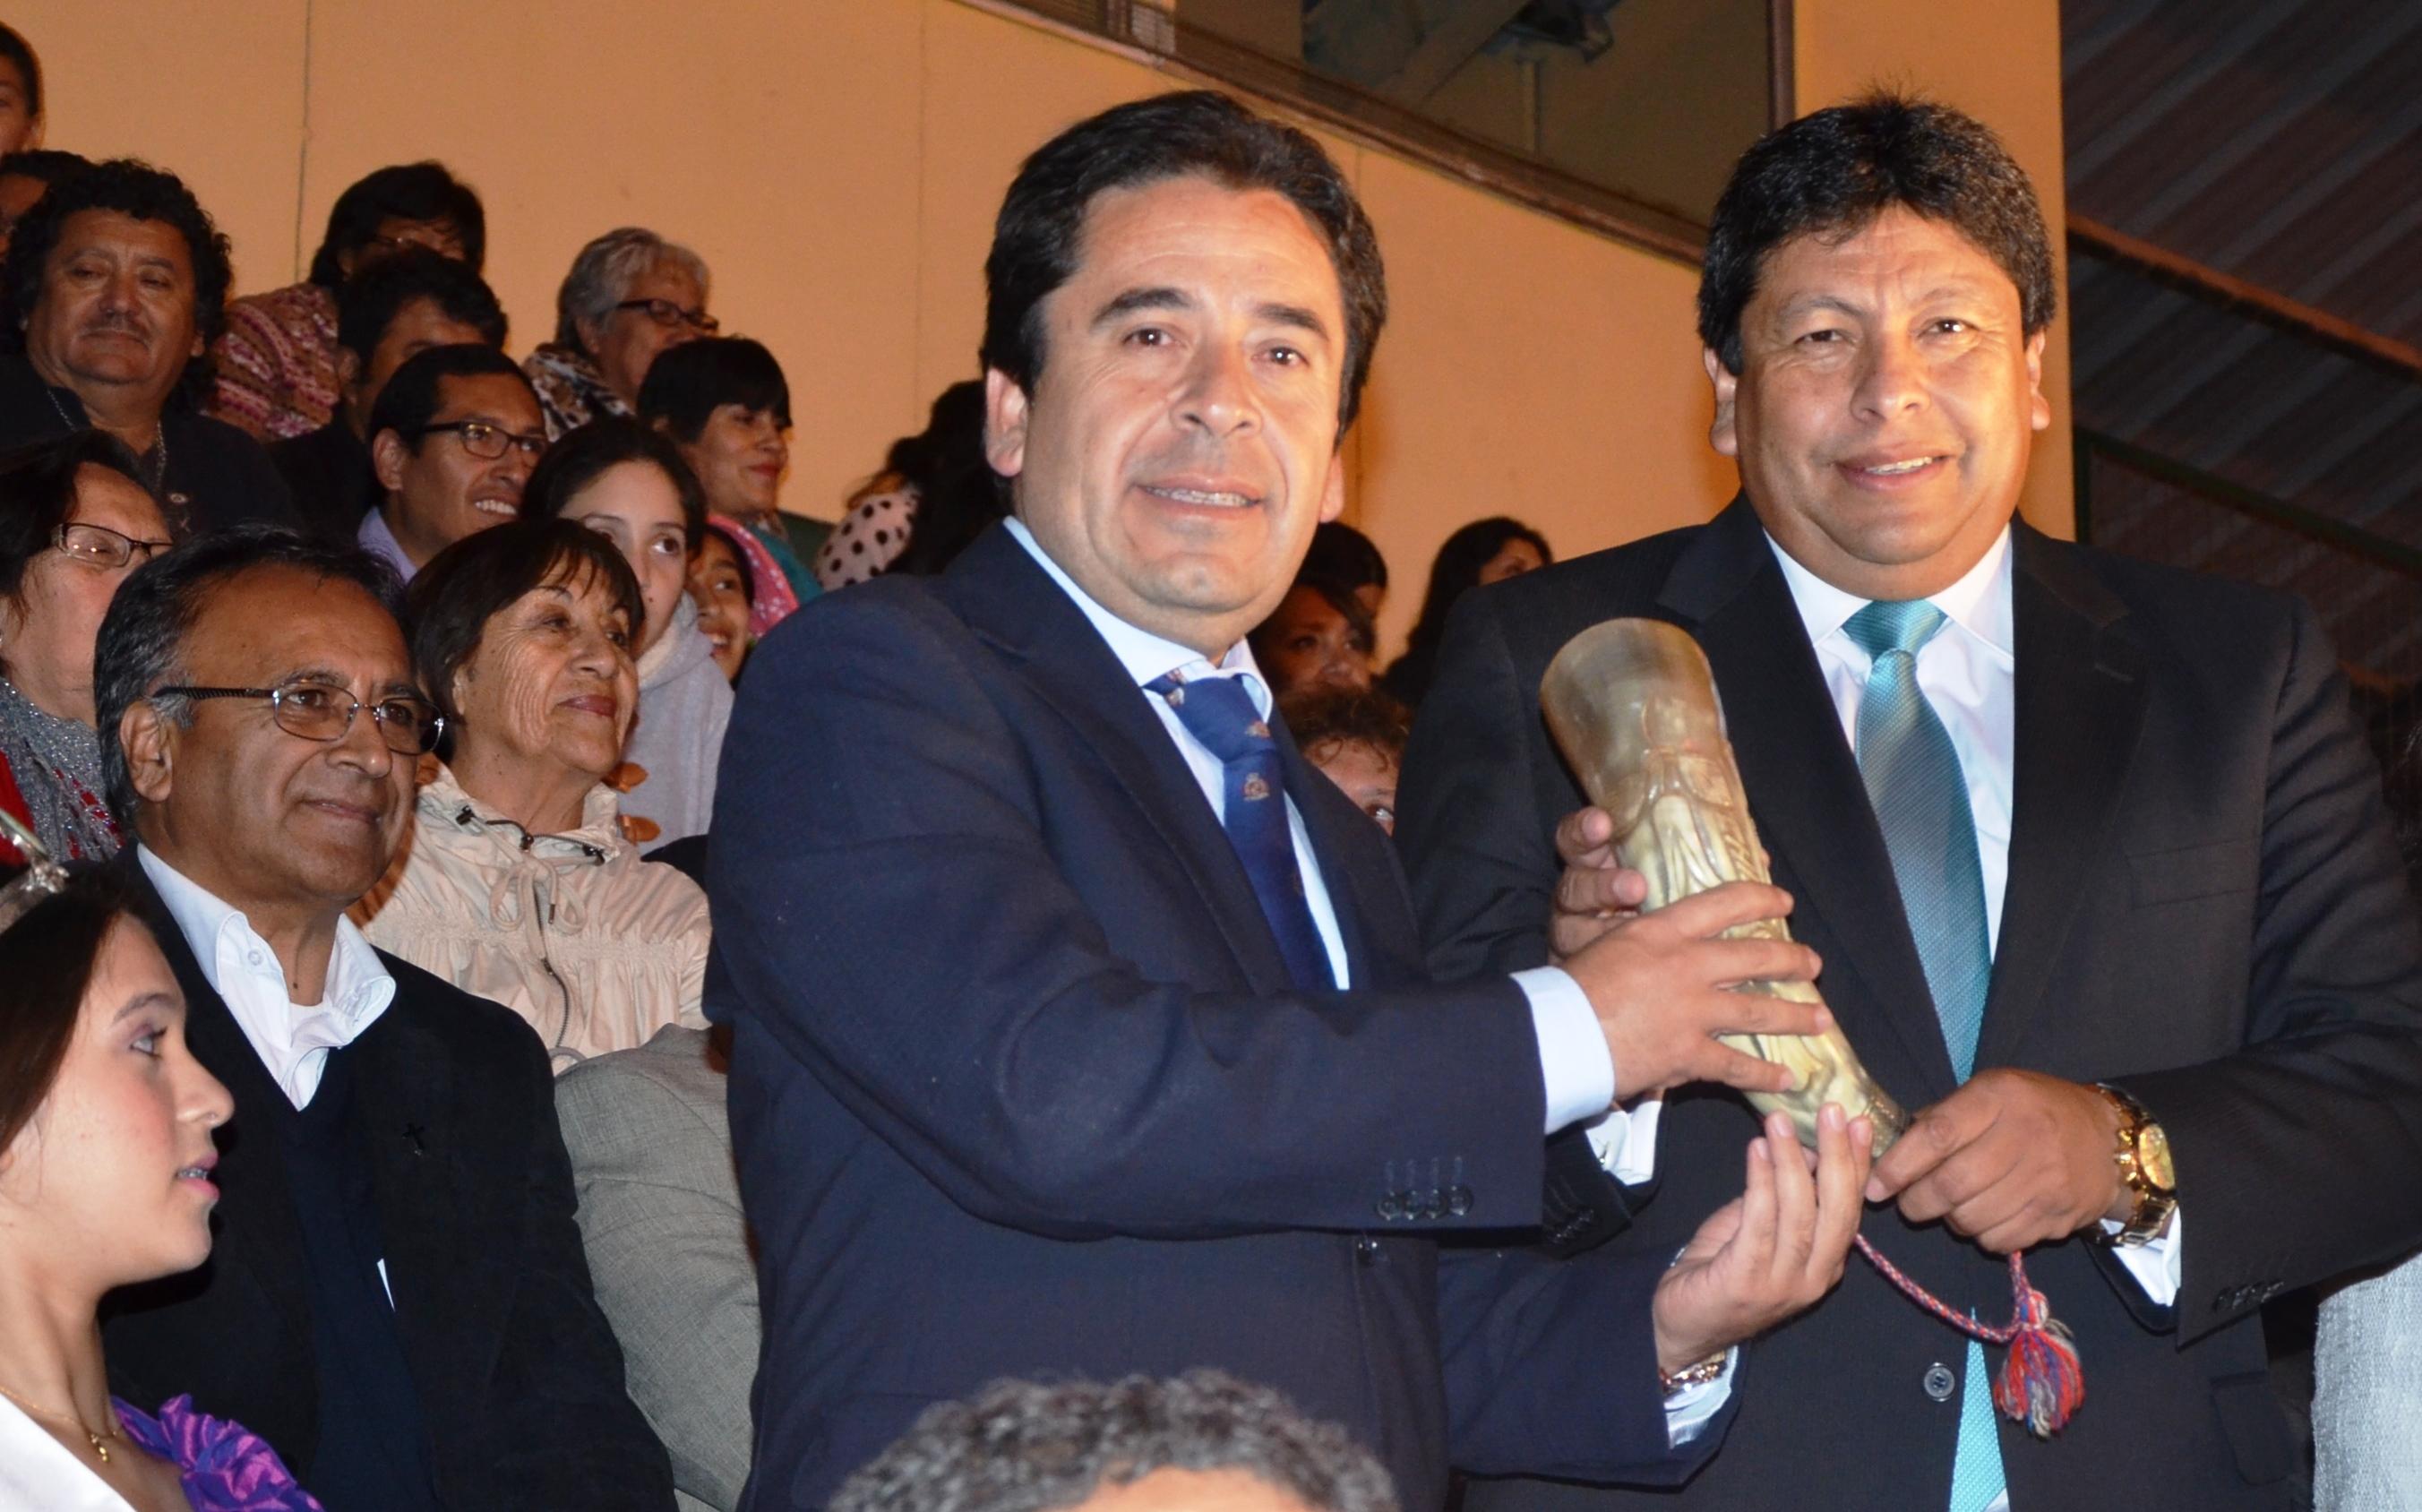 Intendente anuncia nuevos proyectos para Vallenar en el marco de su aniversario